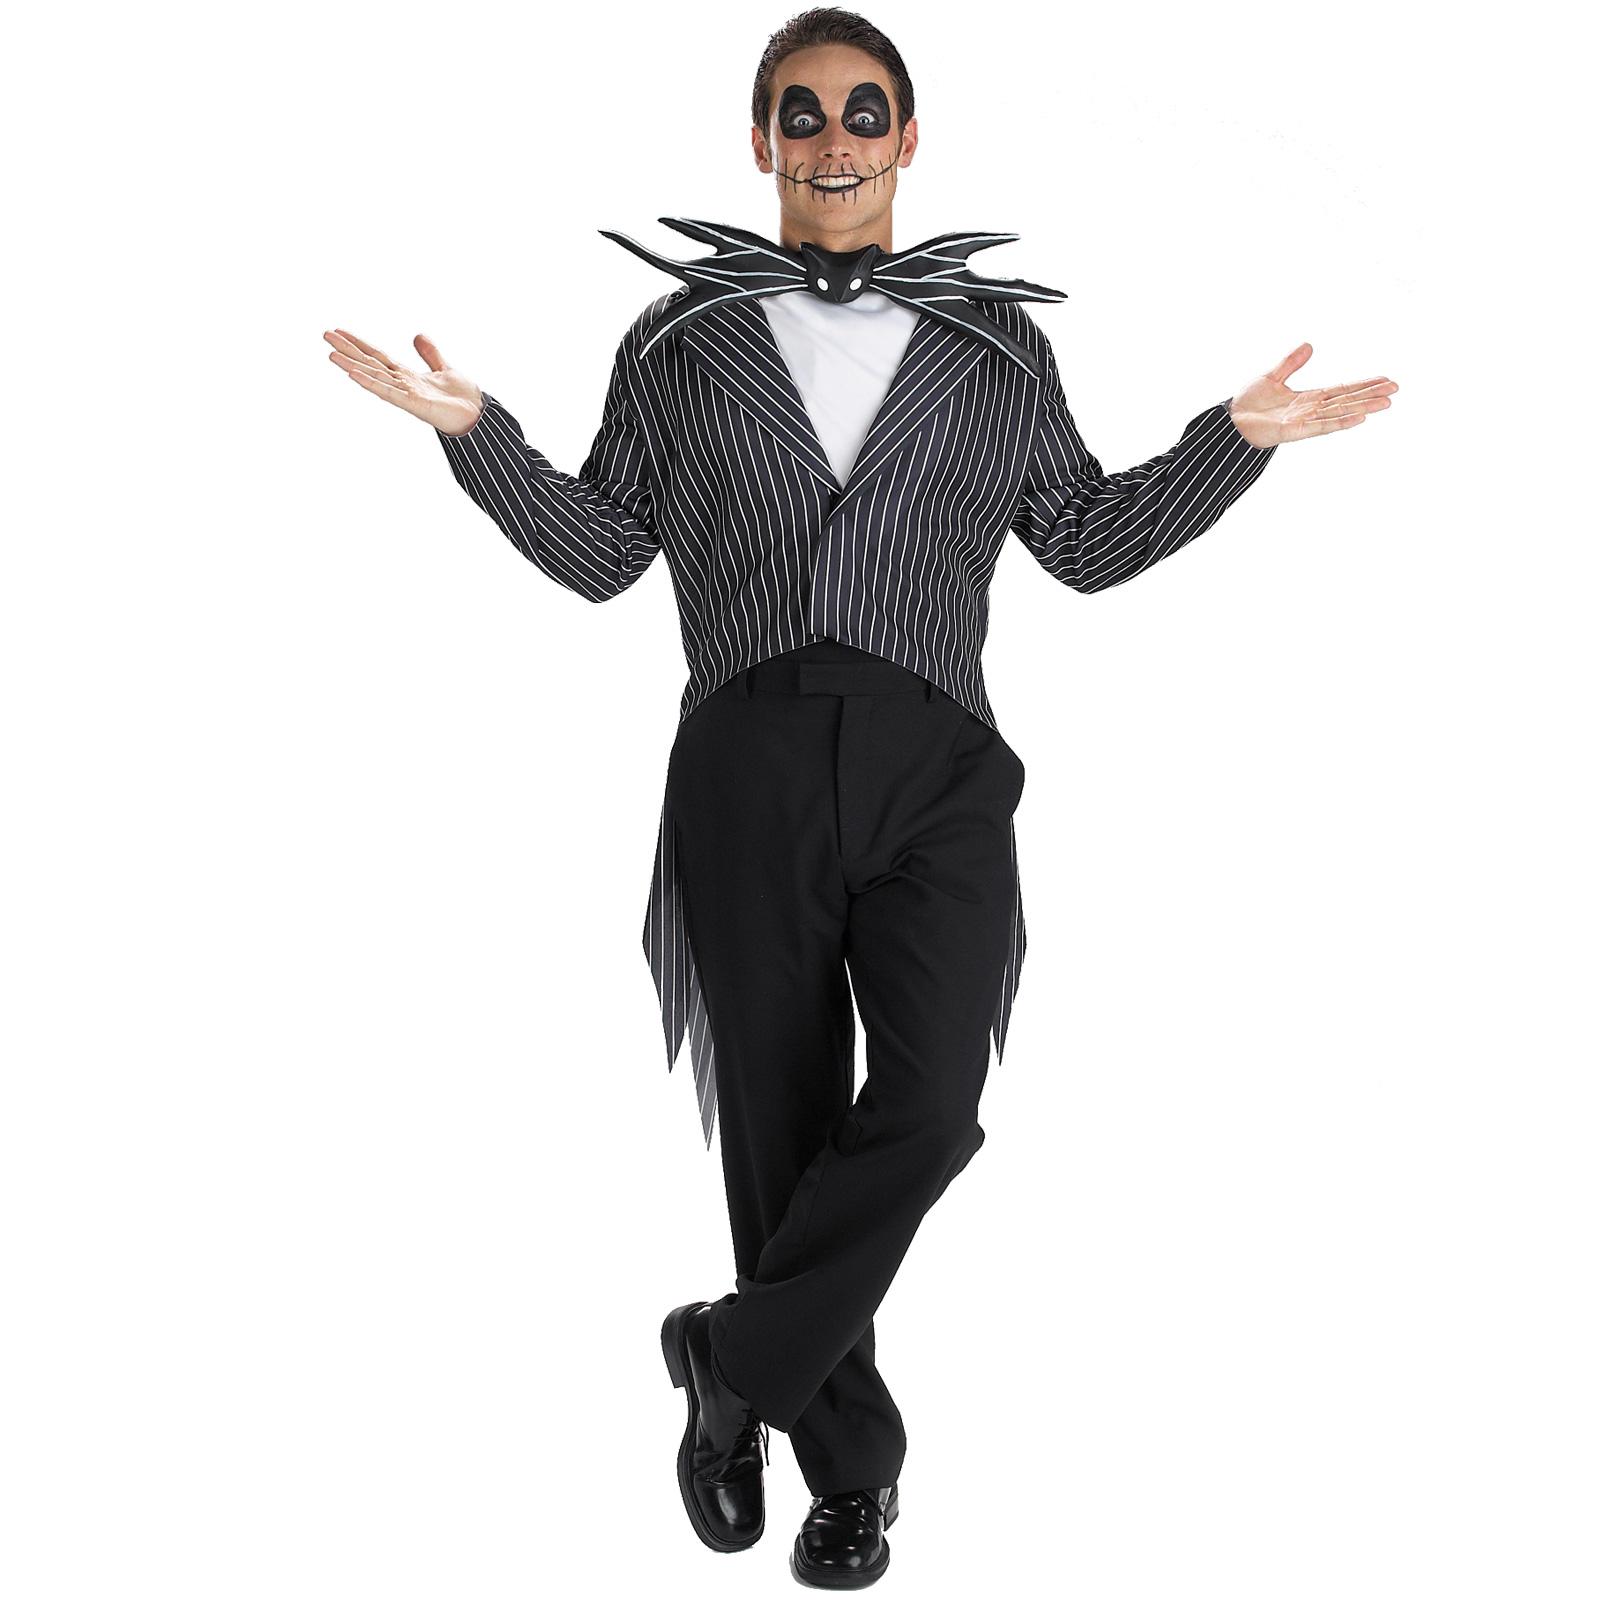 The Nightmare Before Christmas Jack Skellington Adult Costume ...